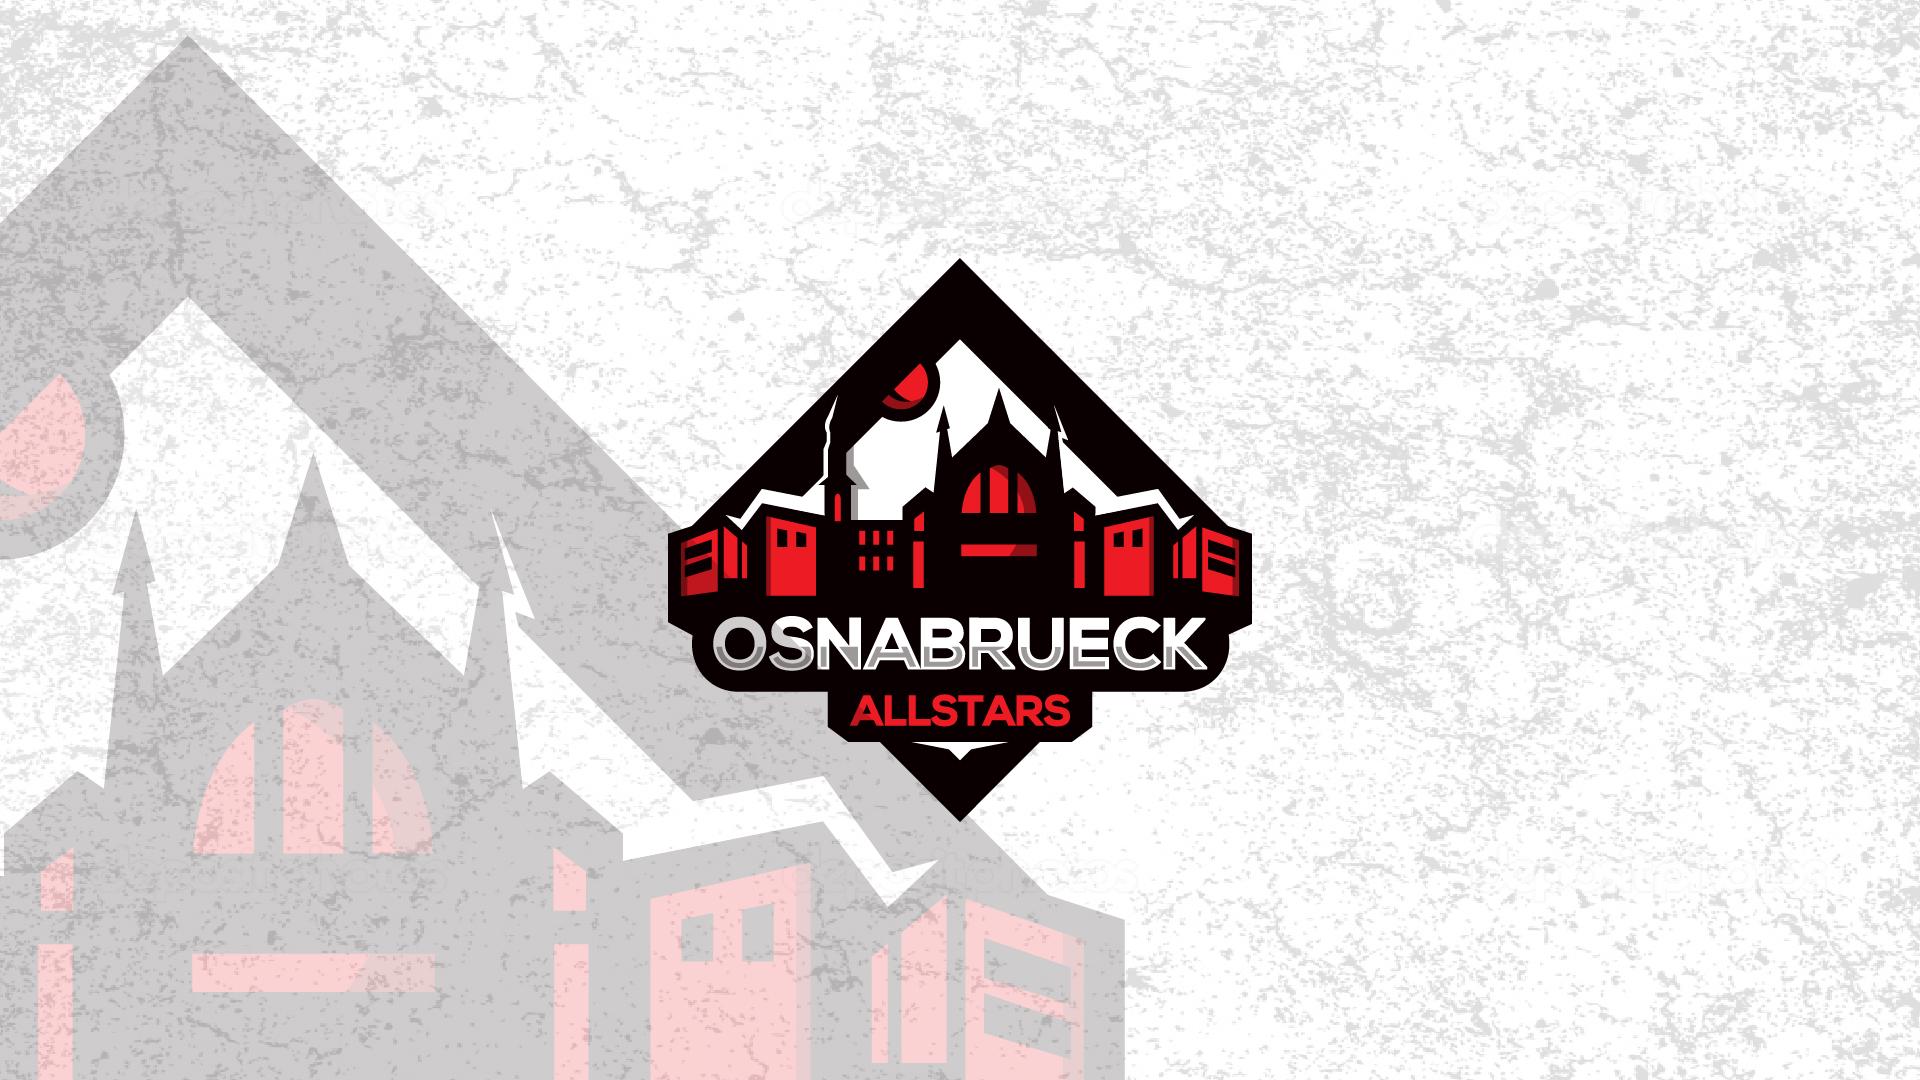 Osnabrueck Allstars